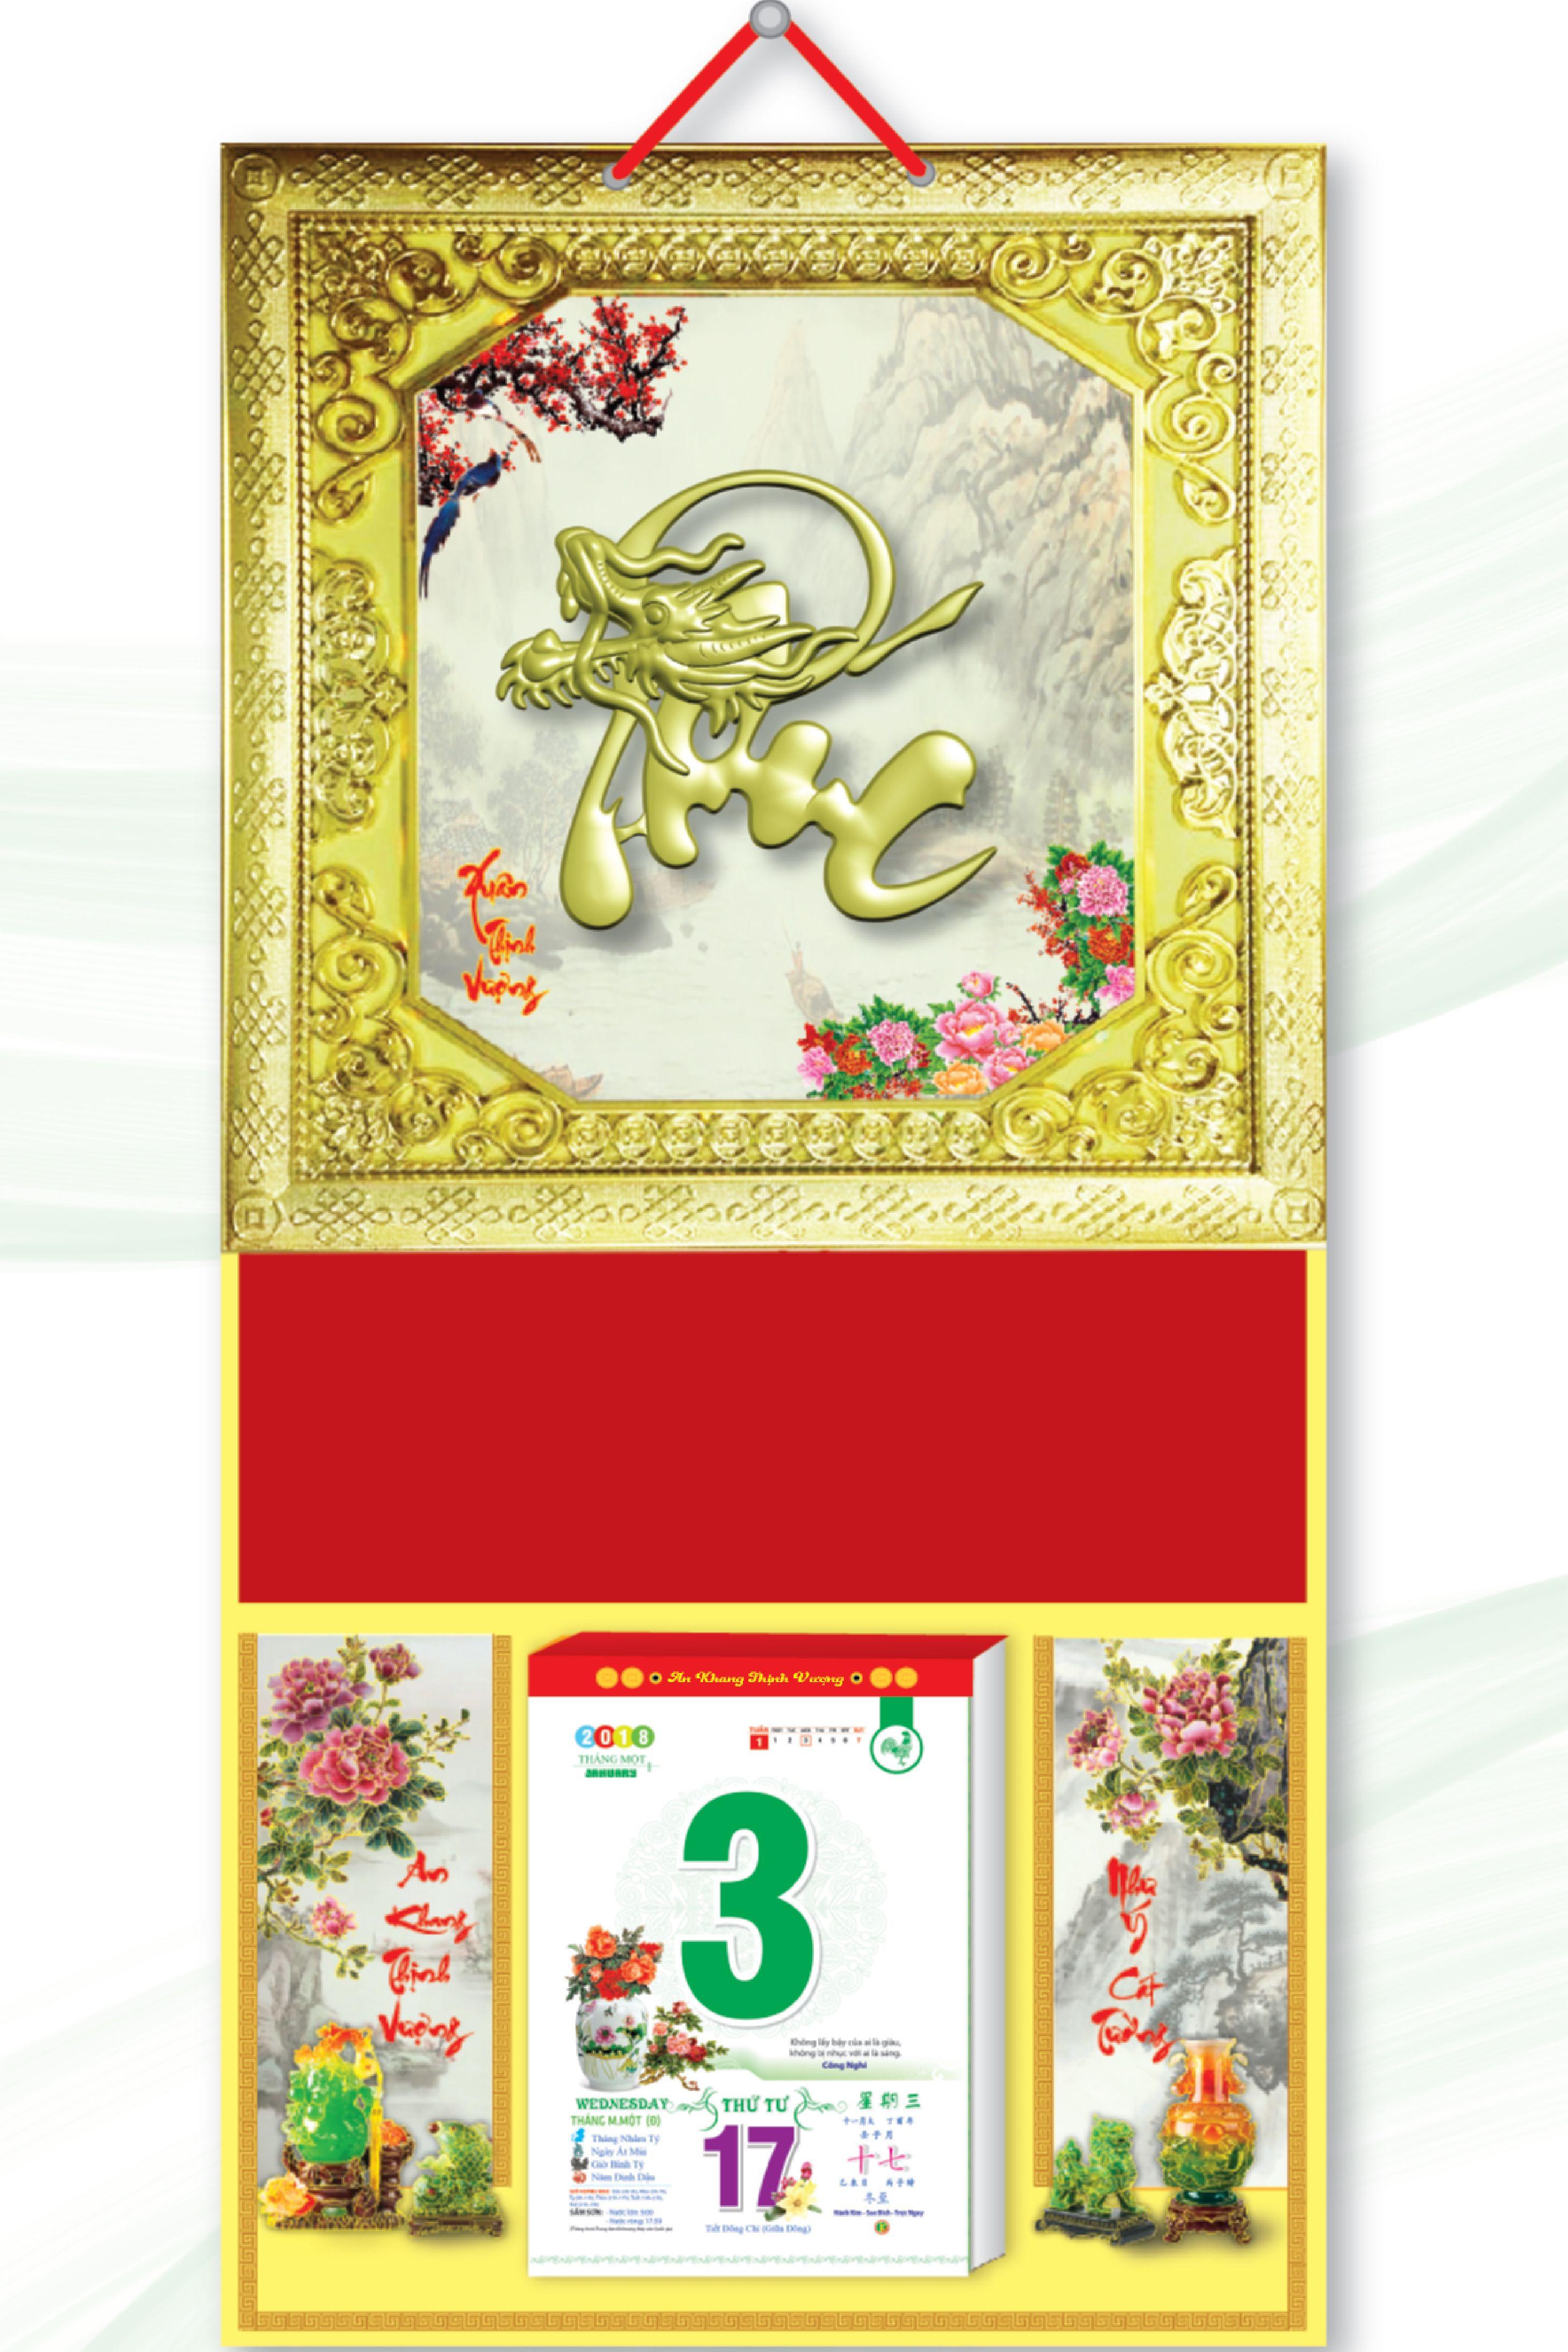 KV44 - Bìa Lịch Treo Tường 2018 Da Simili Dán Chữ Nổi (35 x 70cm) -Khung vàng, Dán Chữ Phúc Đầu Rồng - EBOOK/PDF/PRC/EPUB